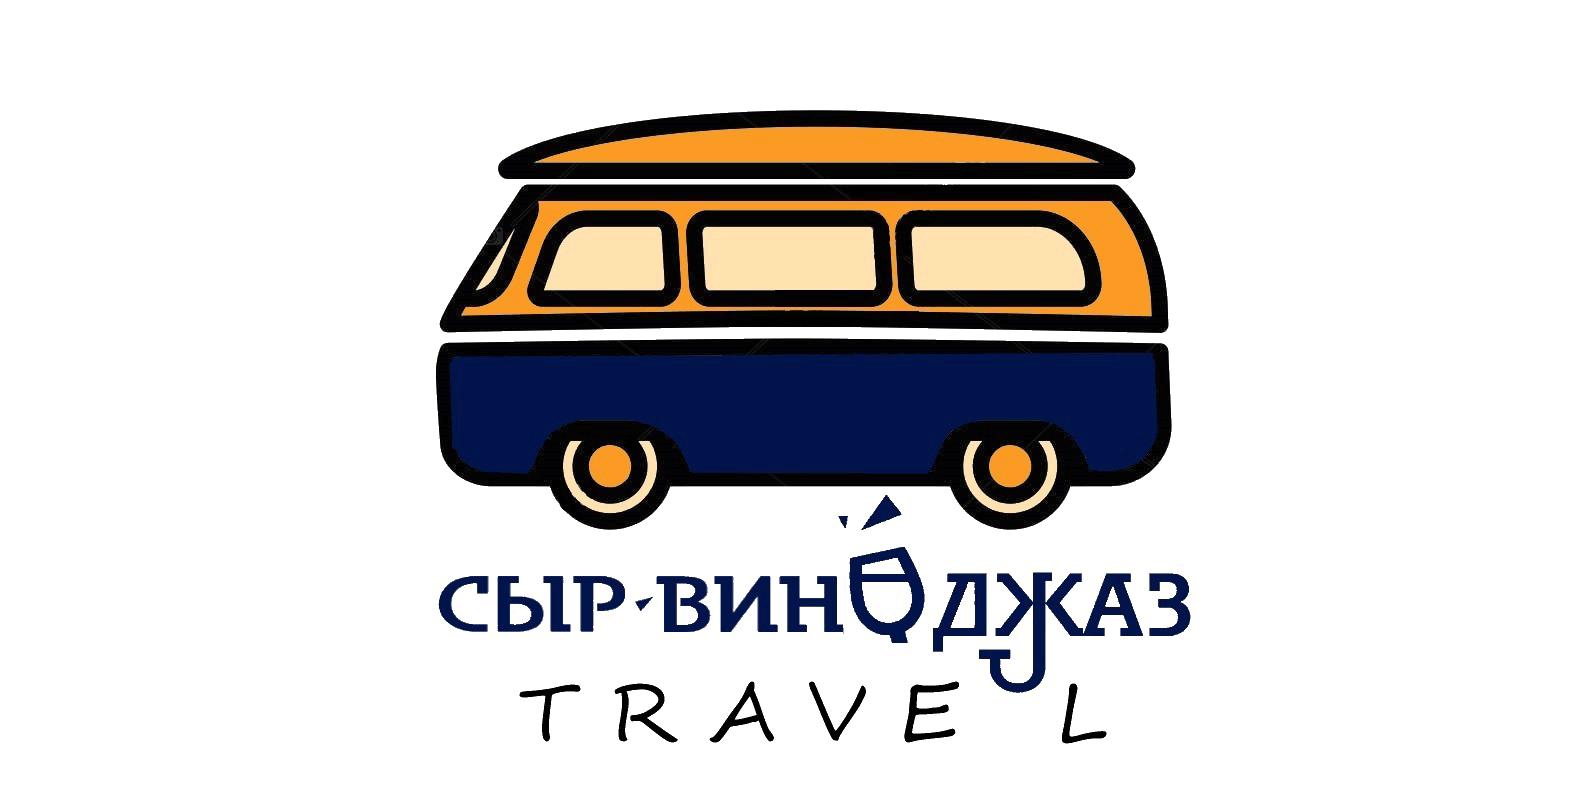 Сыр, Вино и Джаз. Travel!